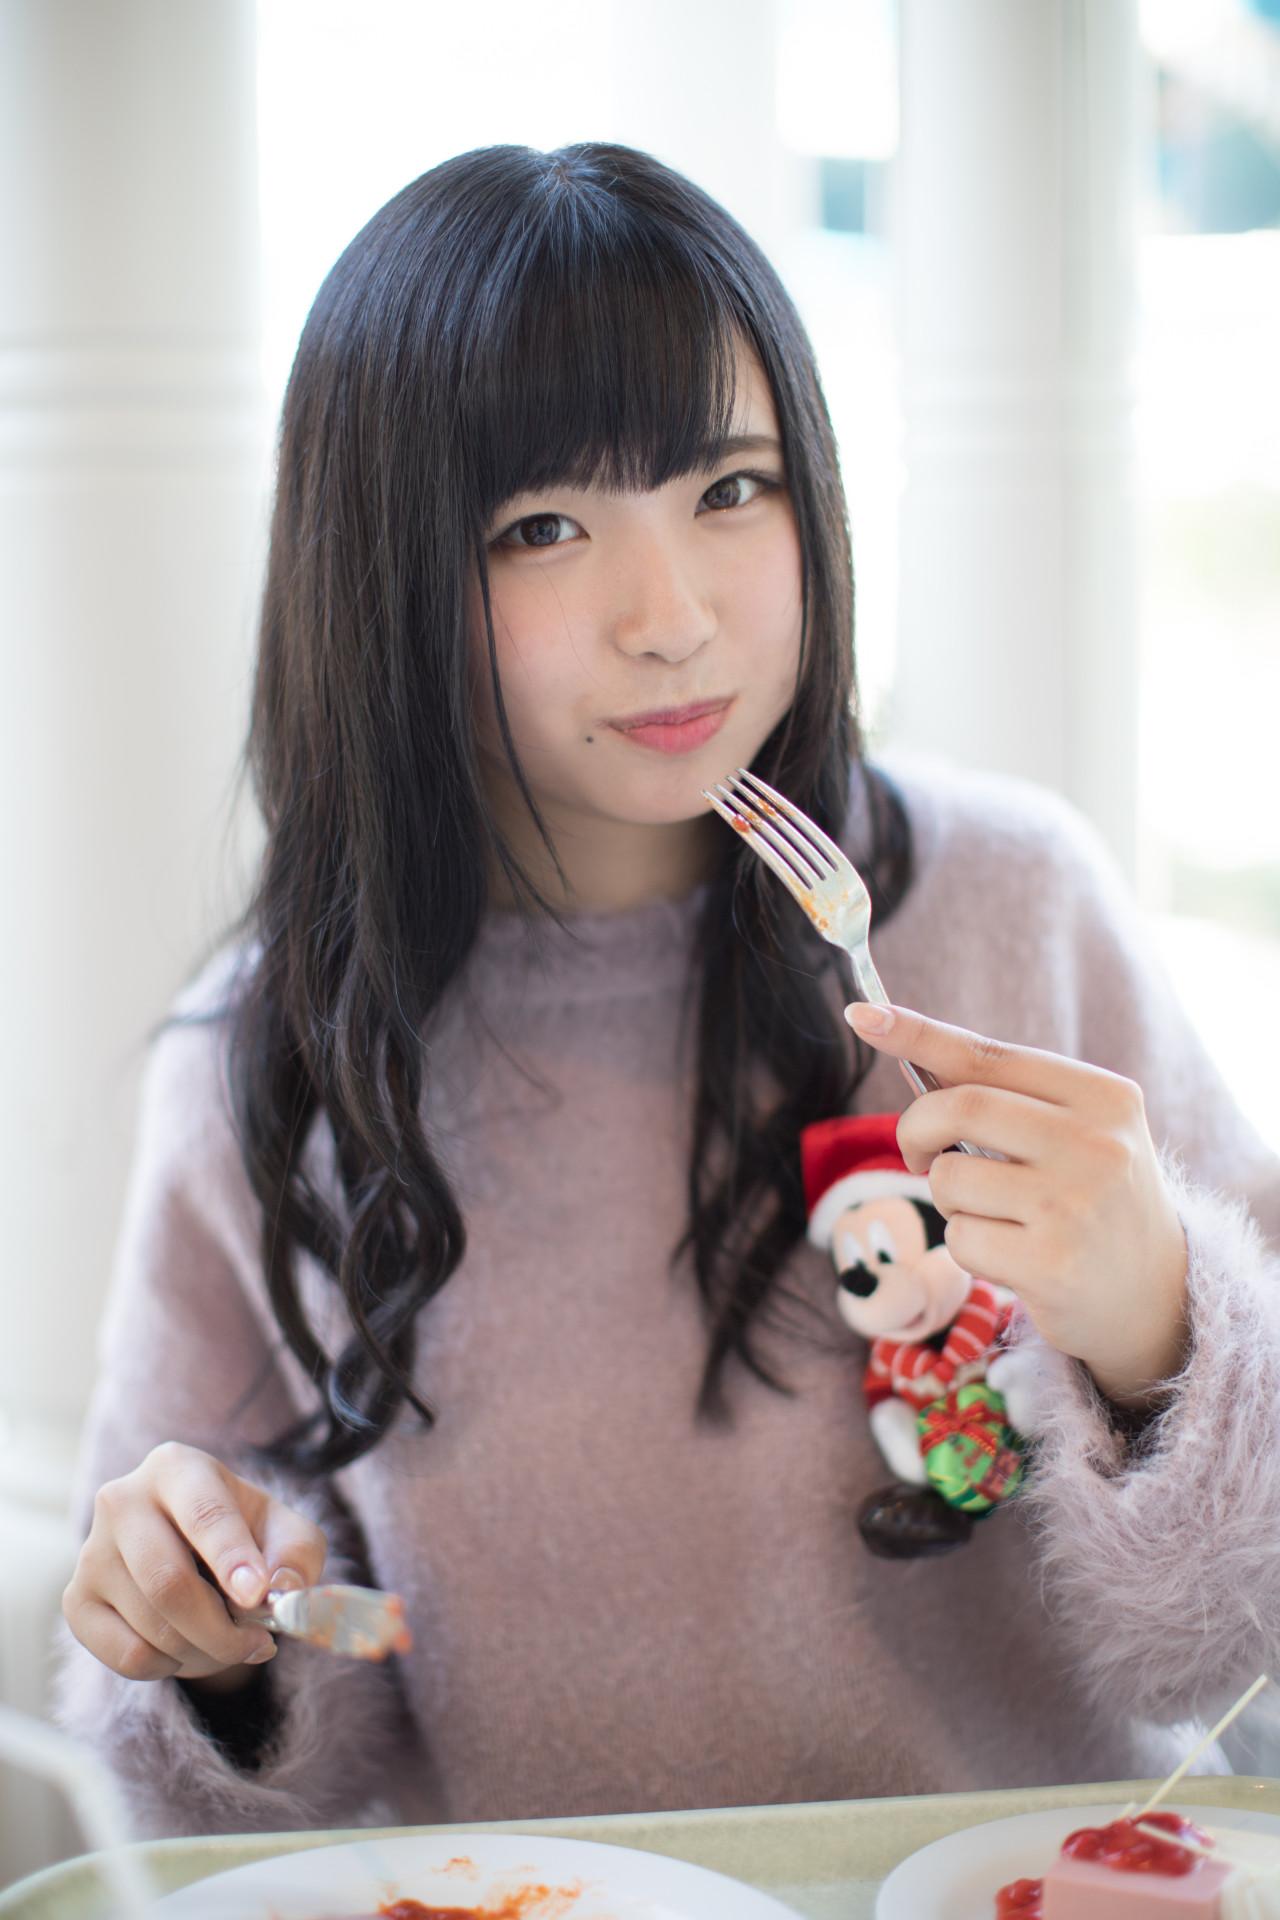 東京ディズニーランド『クリスマス・ファンタジー』谷口彩菜さん